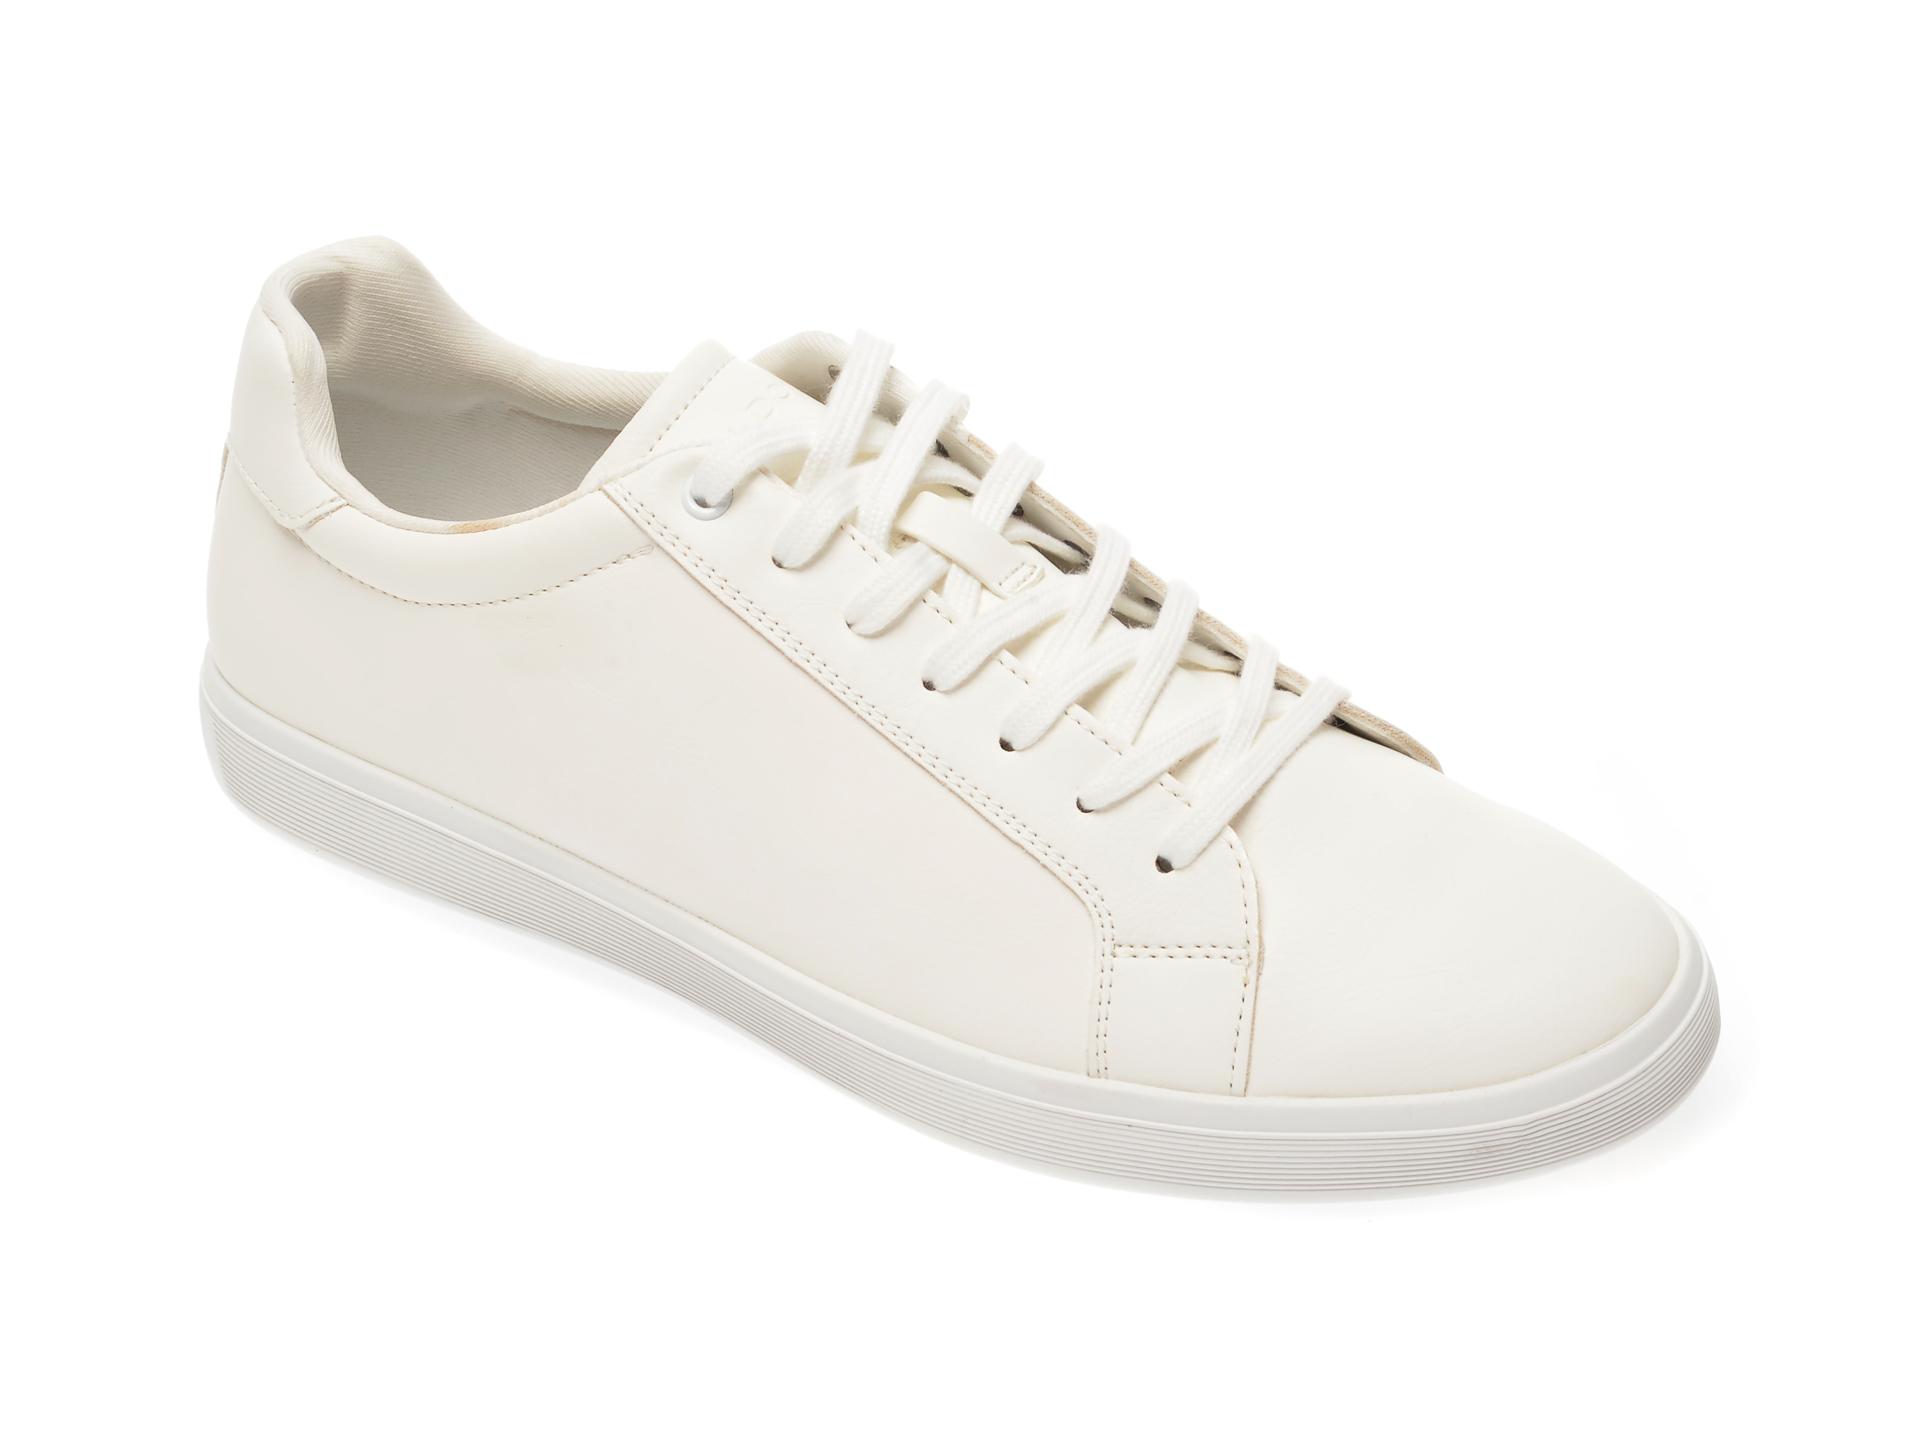 Pantofi ALDO albi, Keduwen100, din piele ecologica imagine